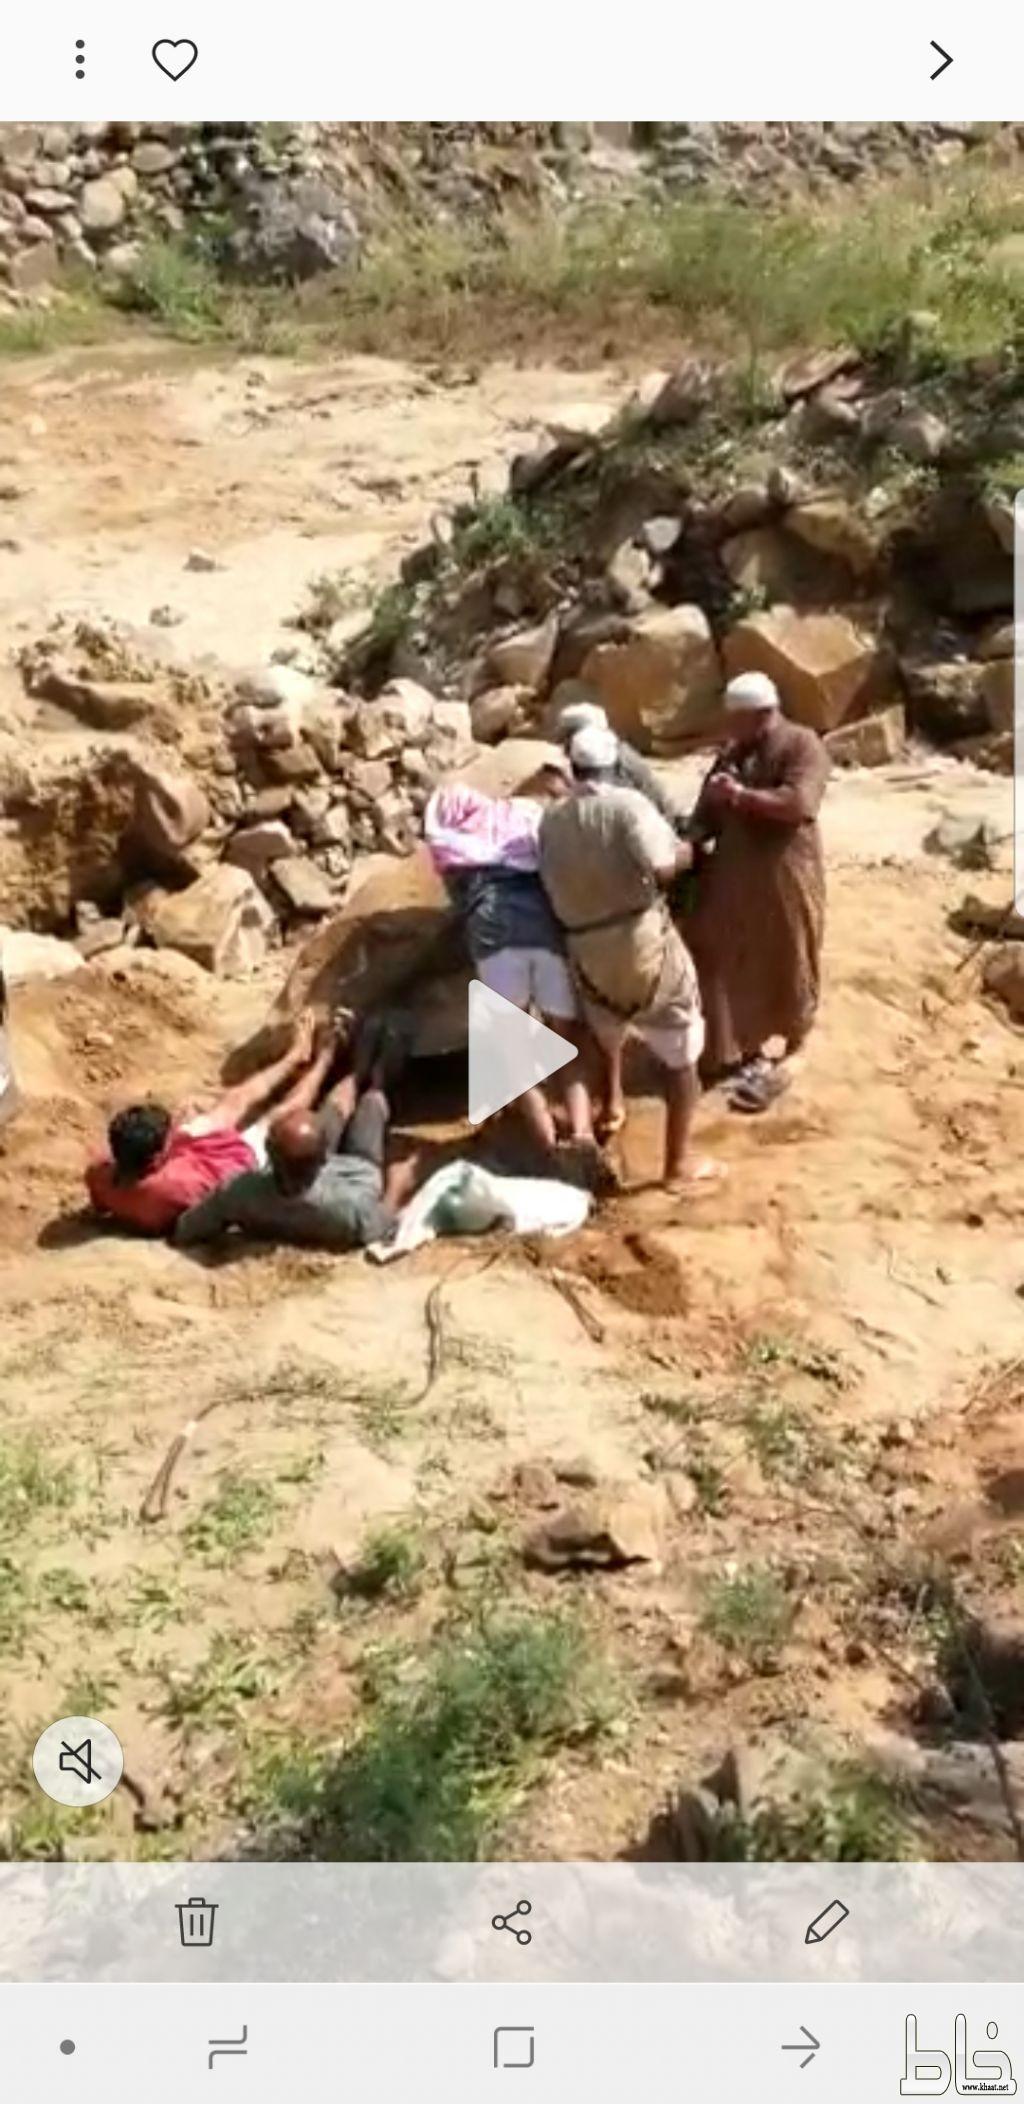 بالفيديو والصور : شاهد مواطنون يقومون بفتح الطريق بأيديهم في رؤوس الجبال بأحد ثربان